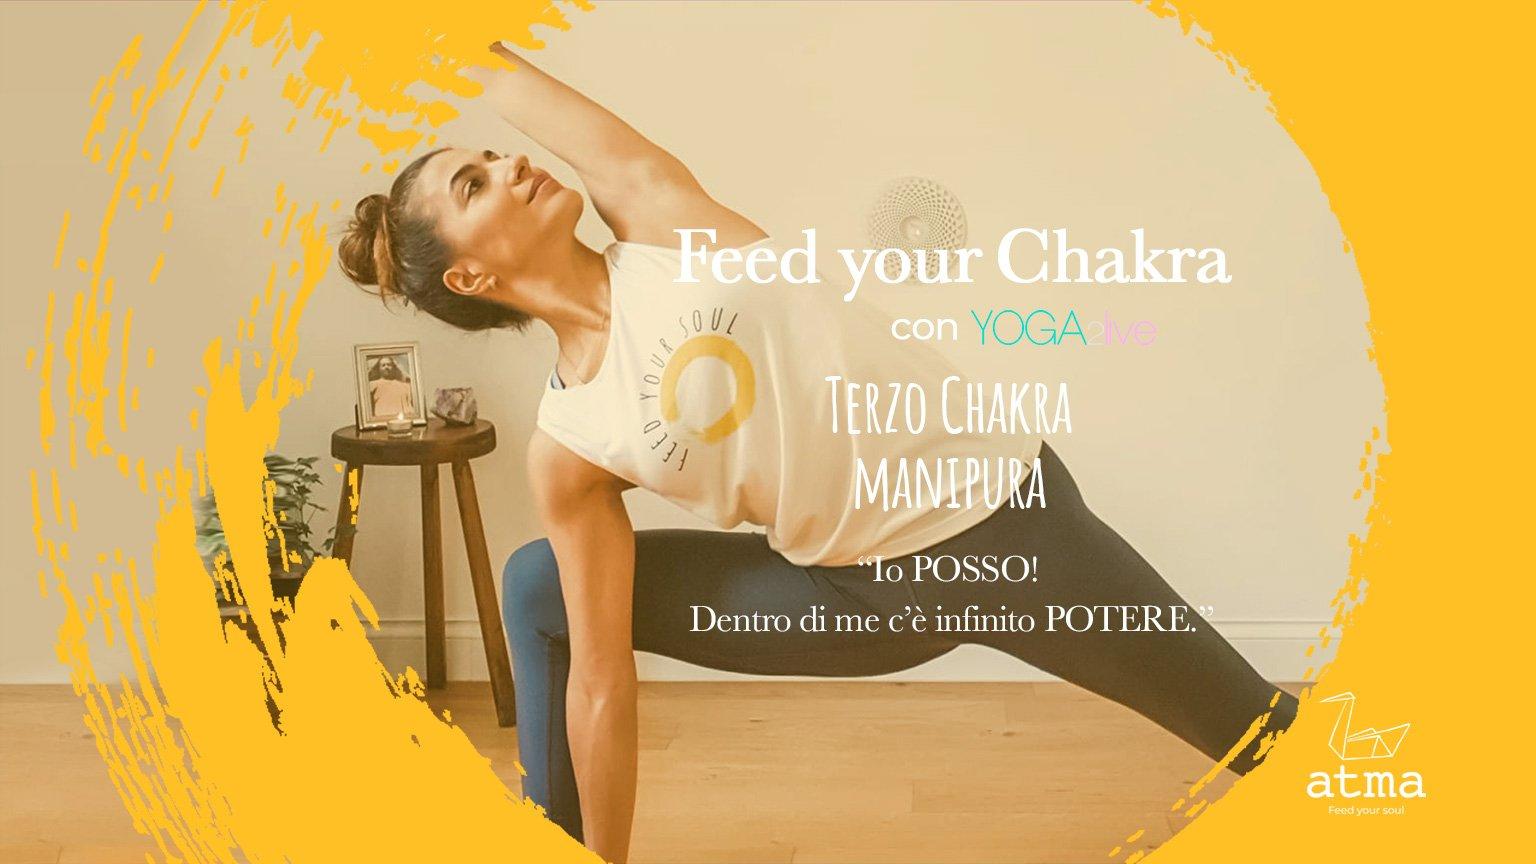 pratica yoga per il terzo chakra